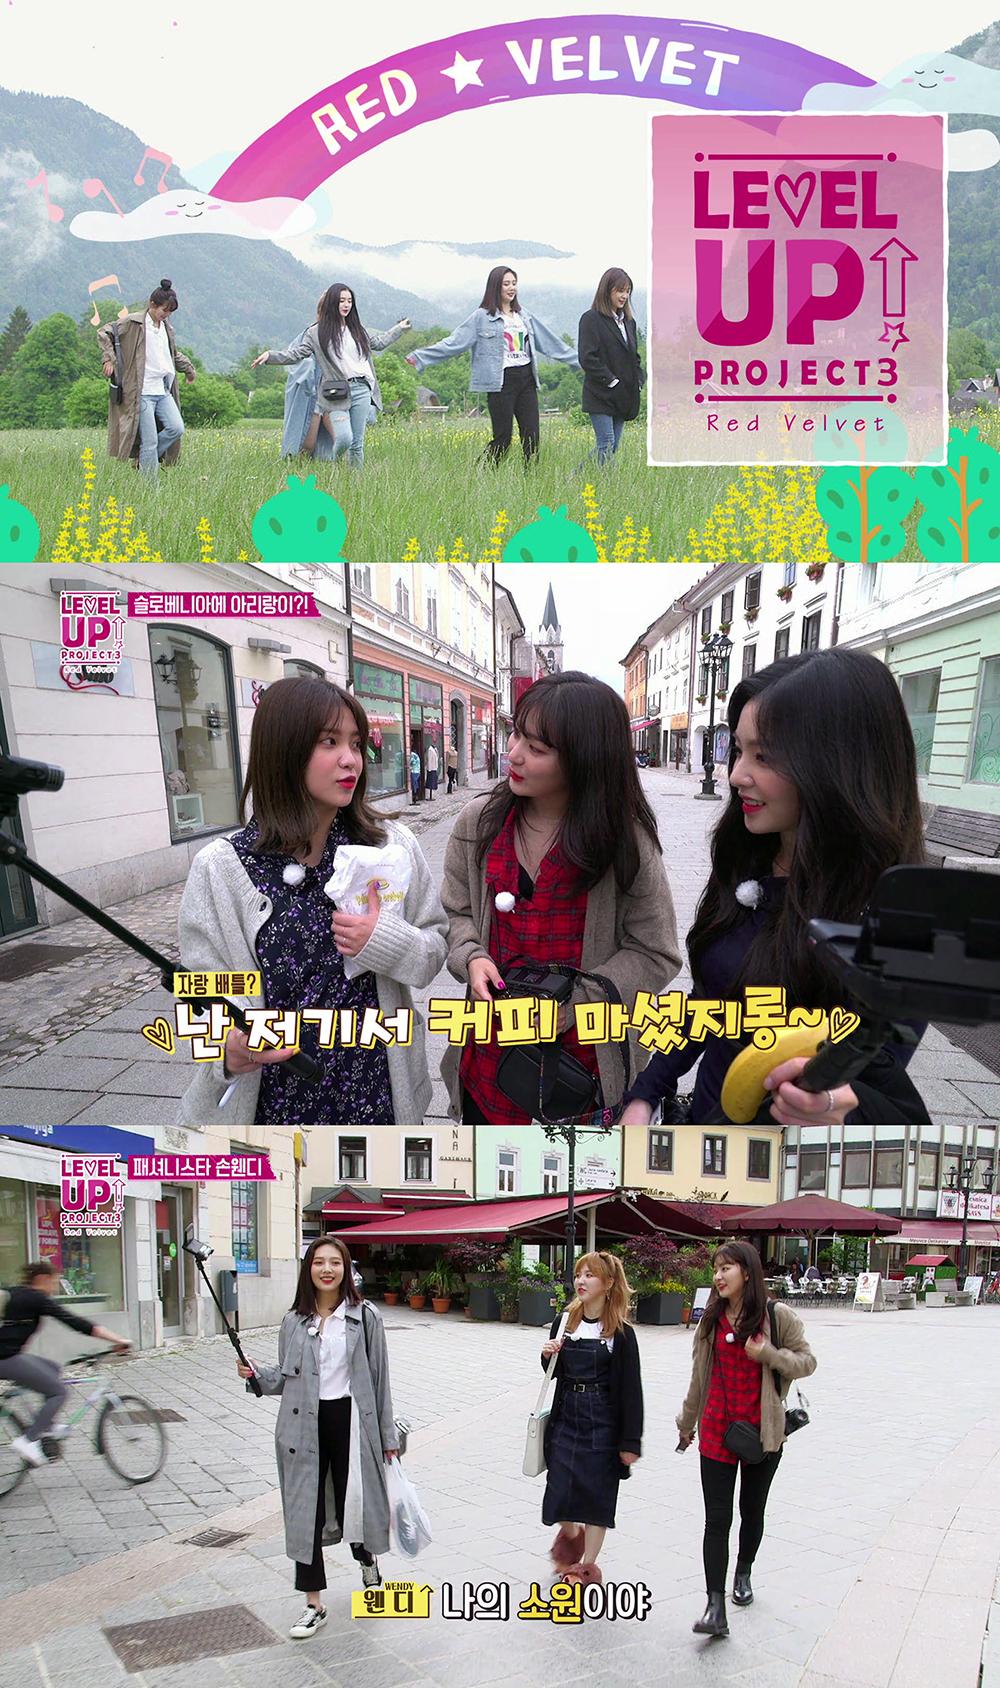 《LEVEL UP PROJECT 3》Red Velvet五人五色清晨散步风格是?